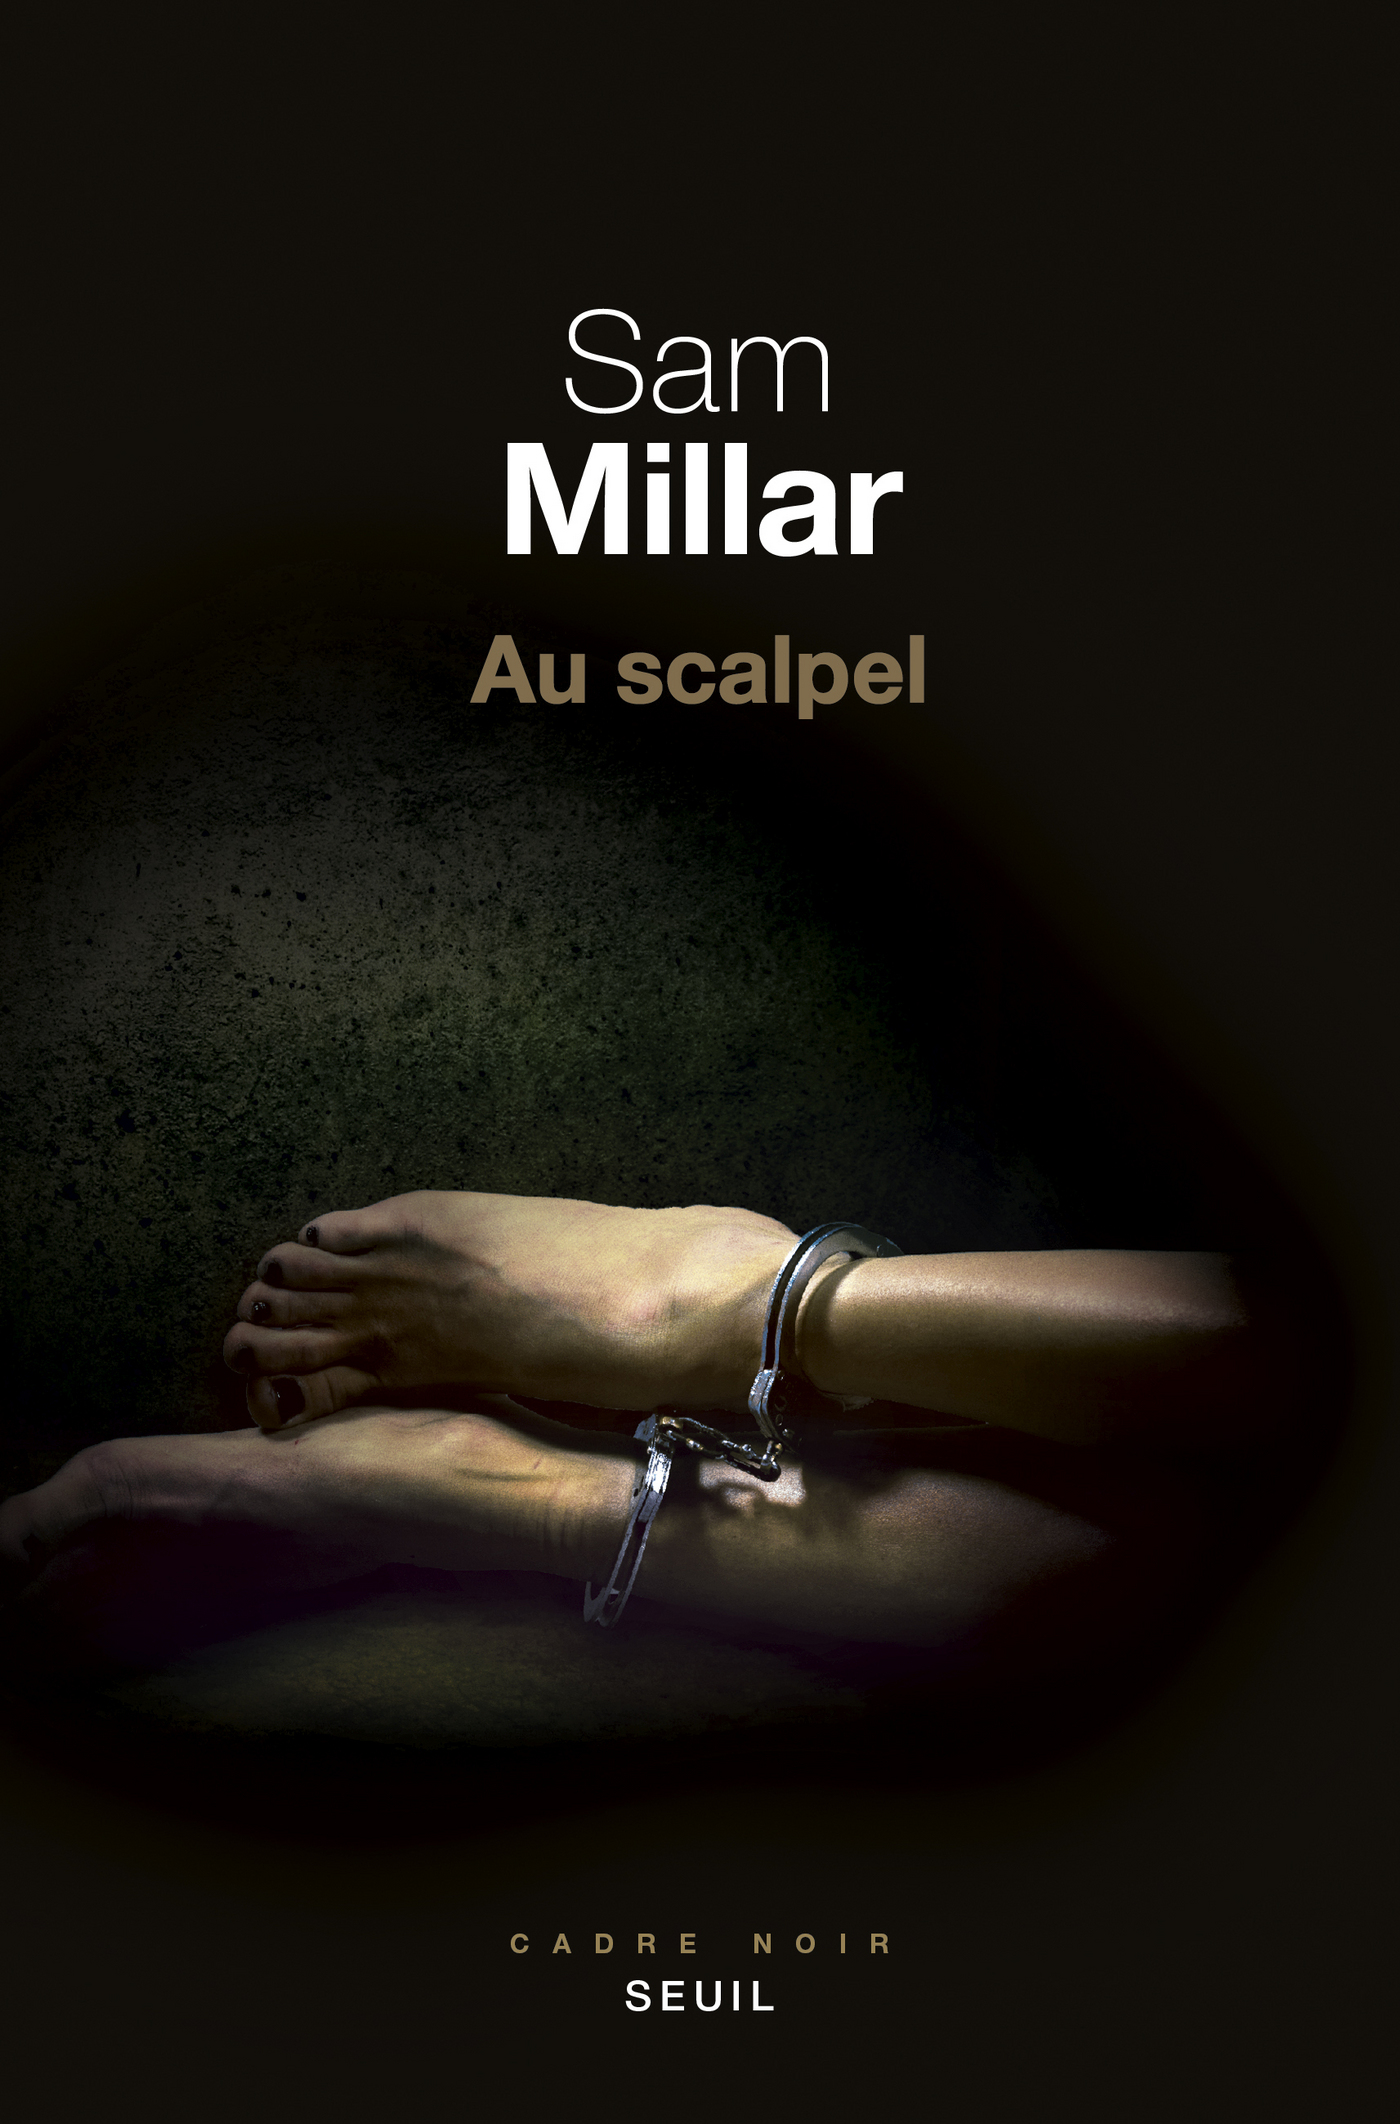 Au scalpel